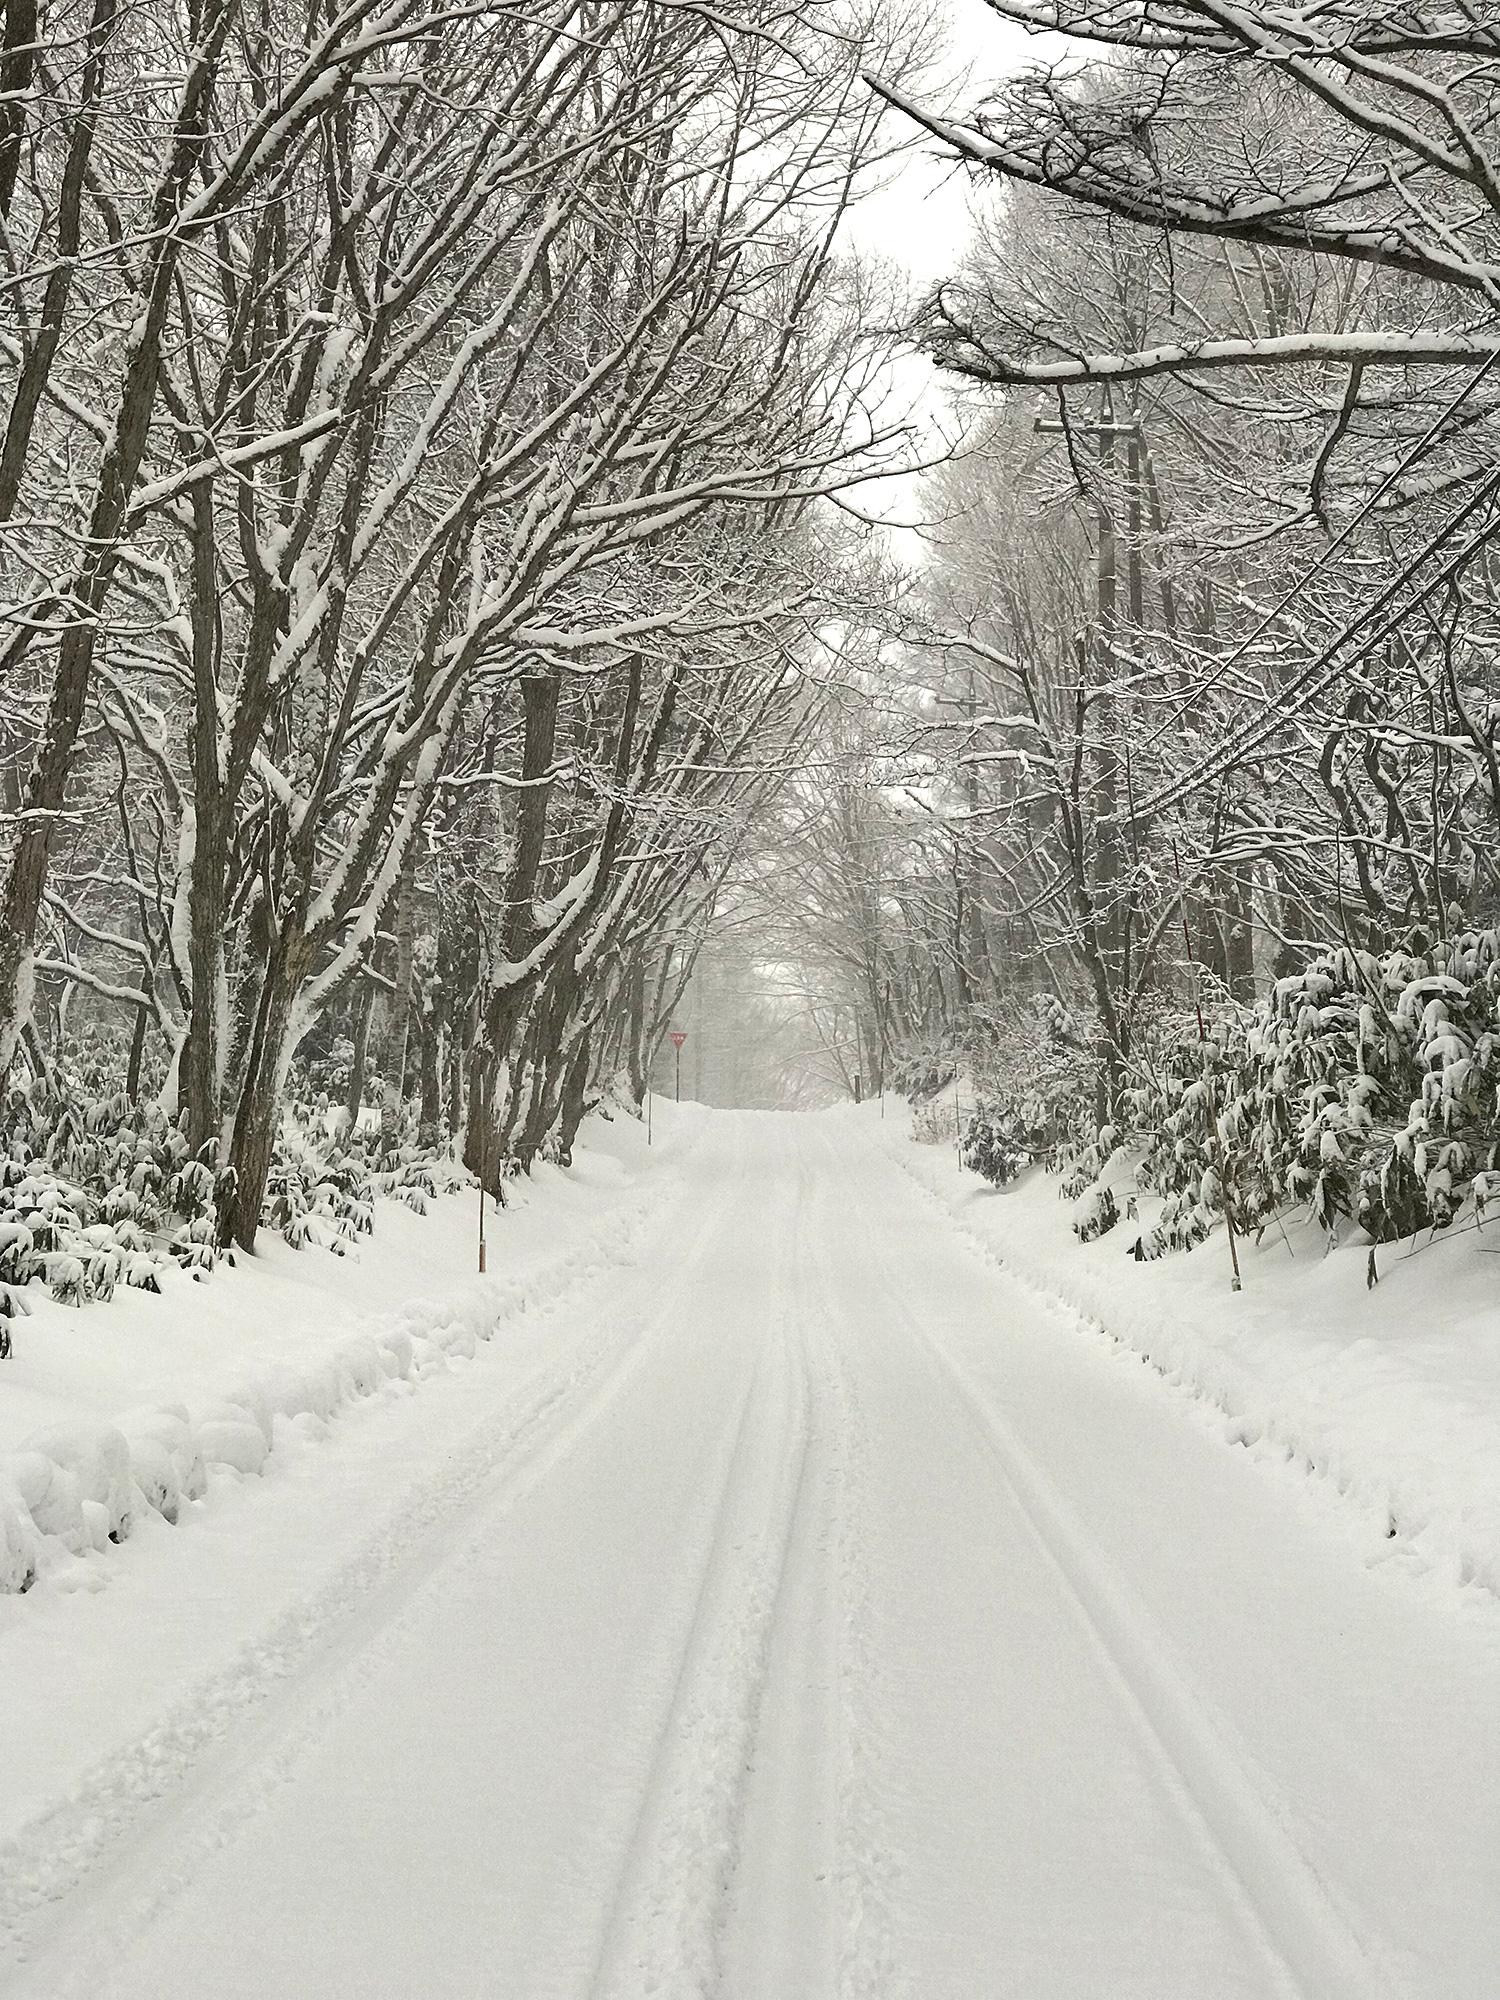 雪道の写真の無料画像素材